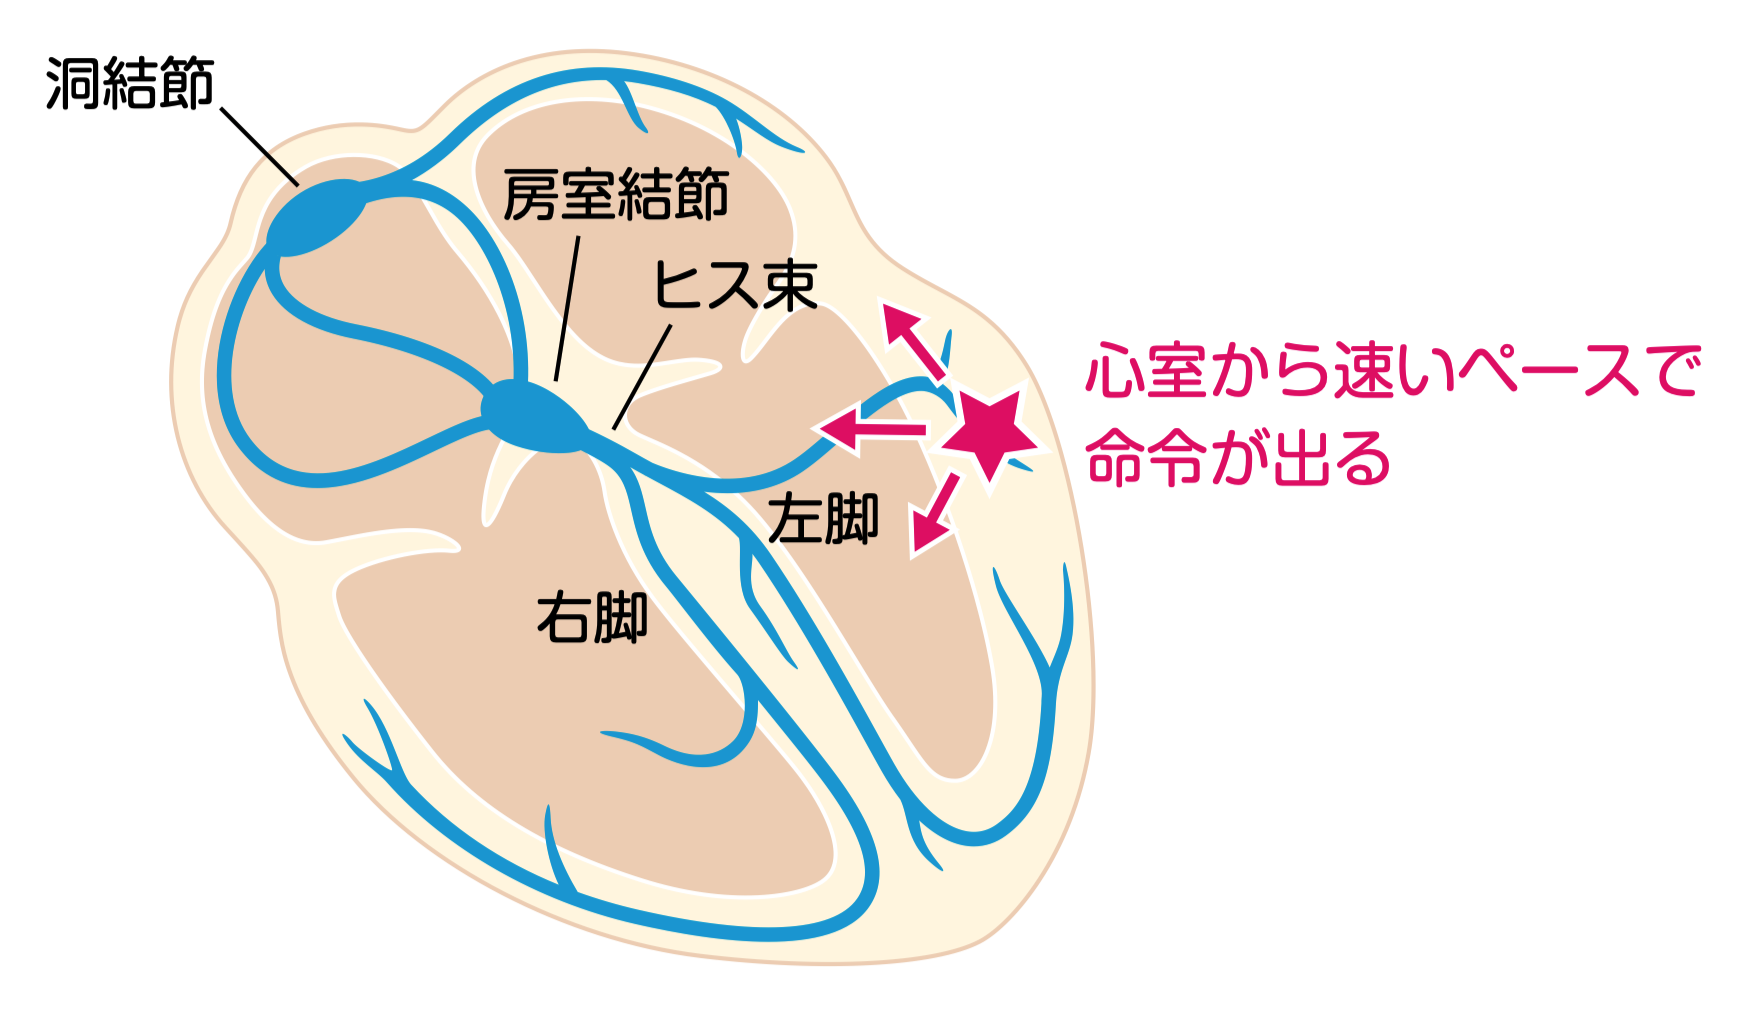 心室頻拍のイラスト_これだけ心電図